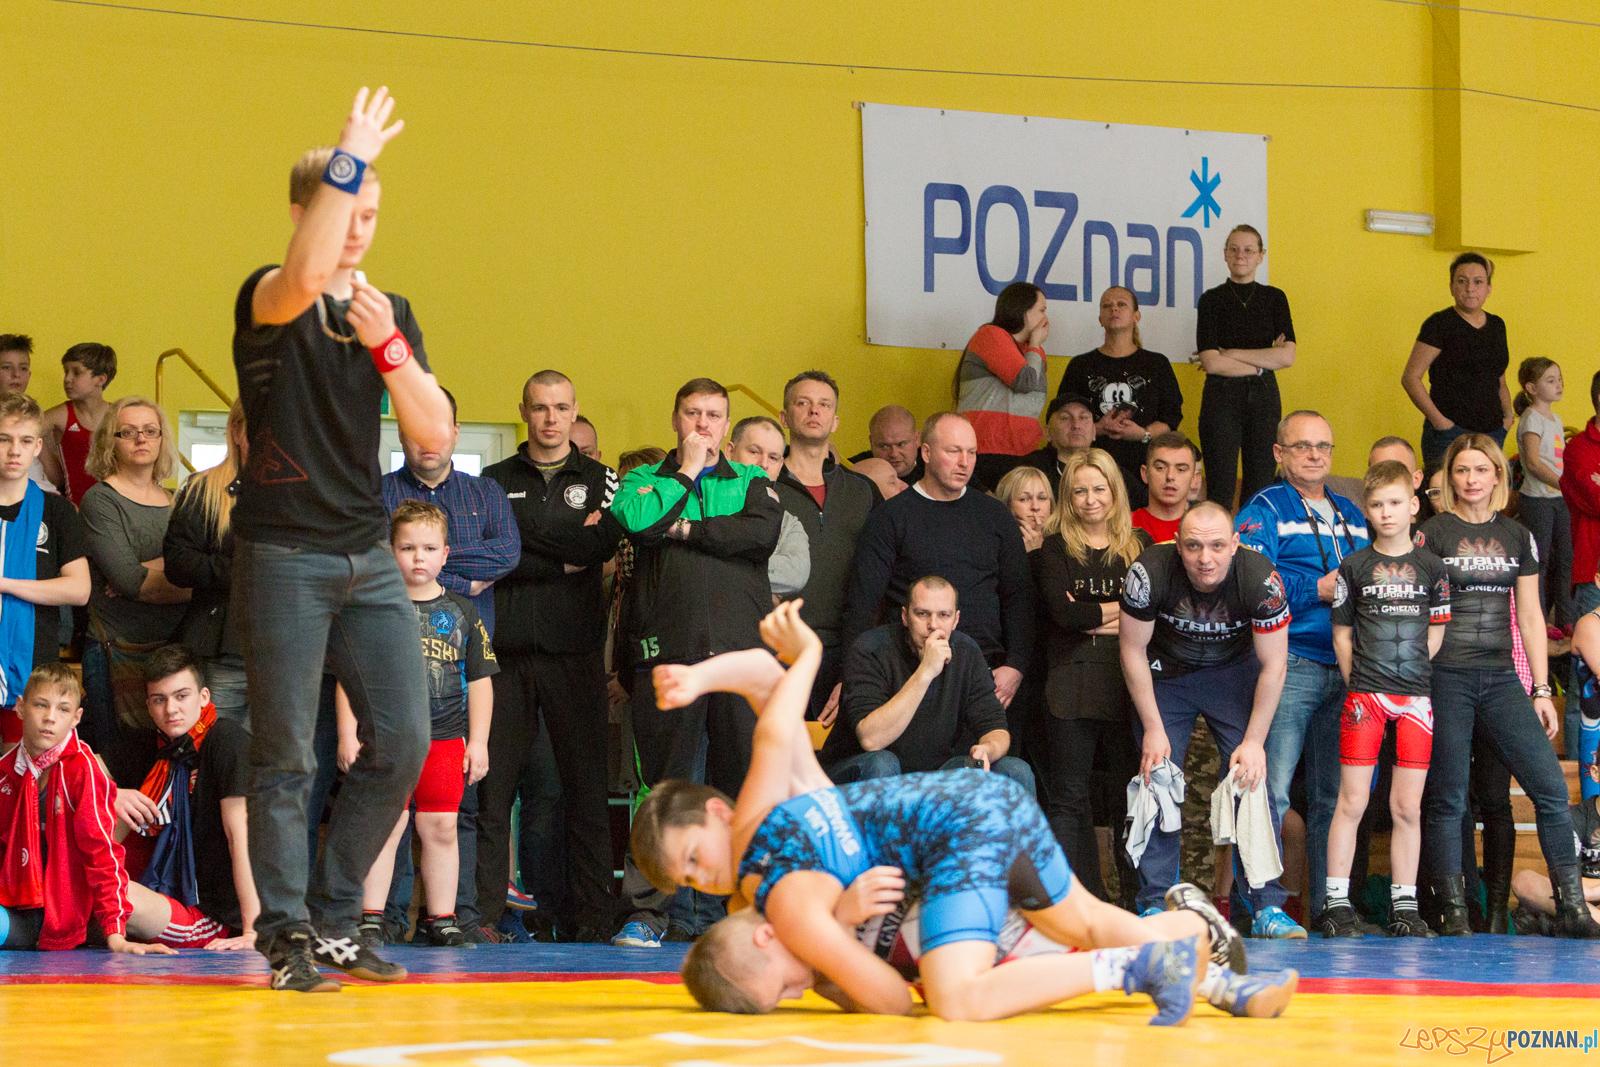 VI Memoriał Bogdana Brody - Otwarte Mistrzostwa Miasta Poznania  Foto: lepszyPOZNAN.pl/Piotr Rychter